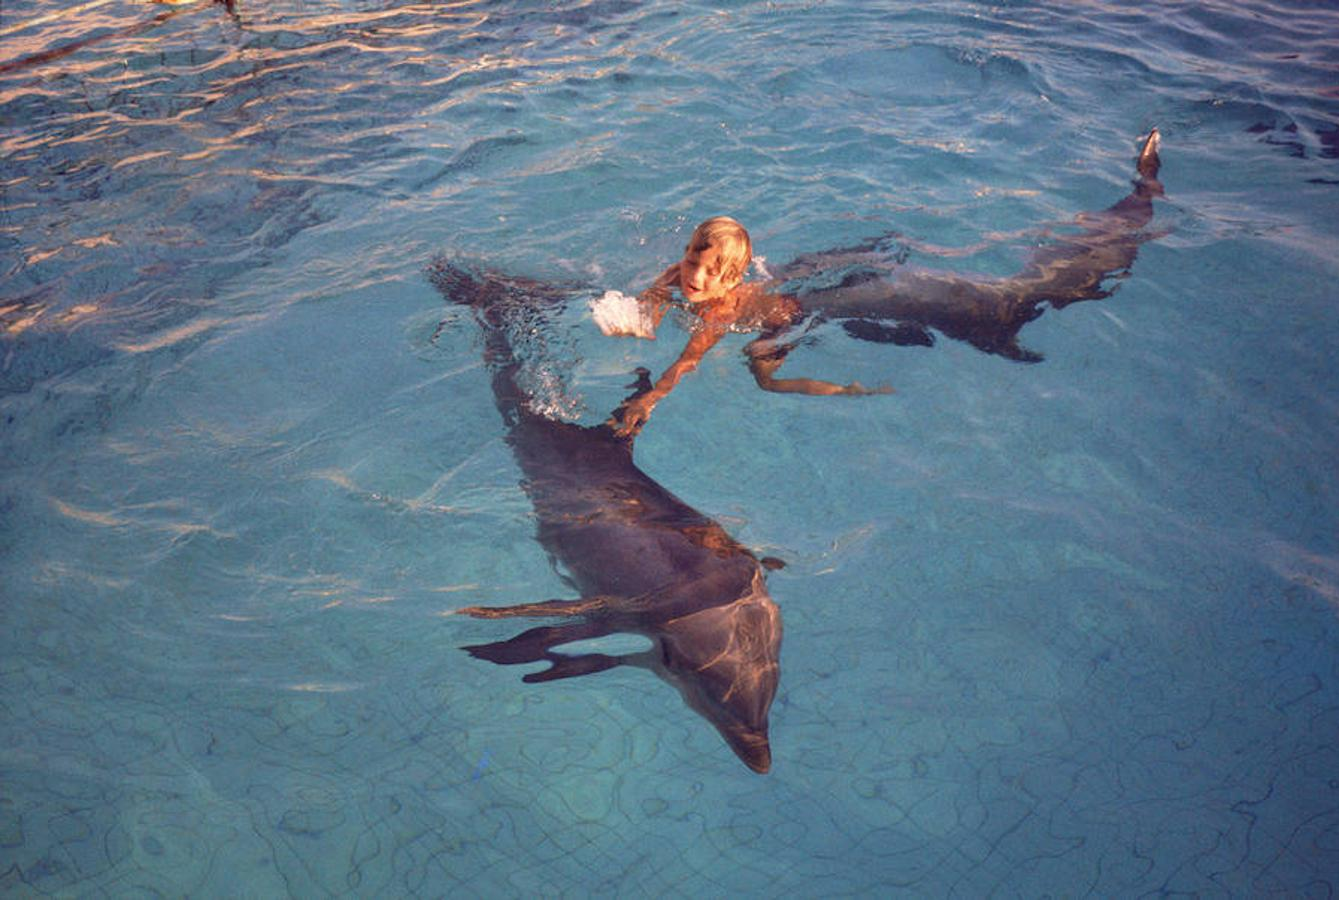 Desde que en 1973 comenzara a veranear en Mallorca, Don Felipe ha dejado innumerables instantáneas para el recuerdo. En este caso, en 1974, en un zoológico mallorquín jugando con los delfines